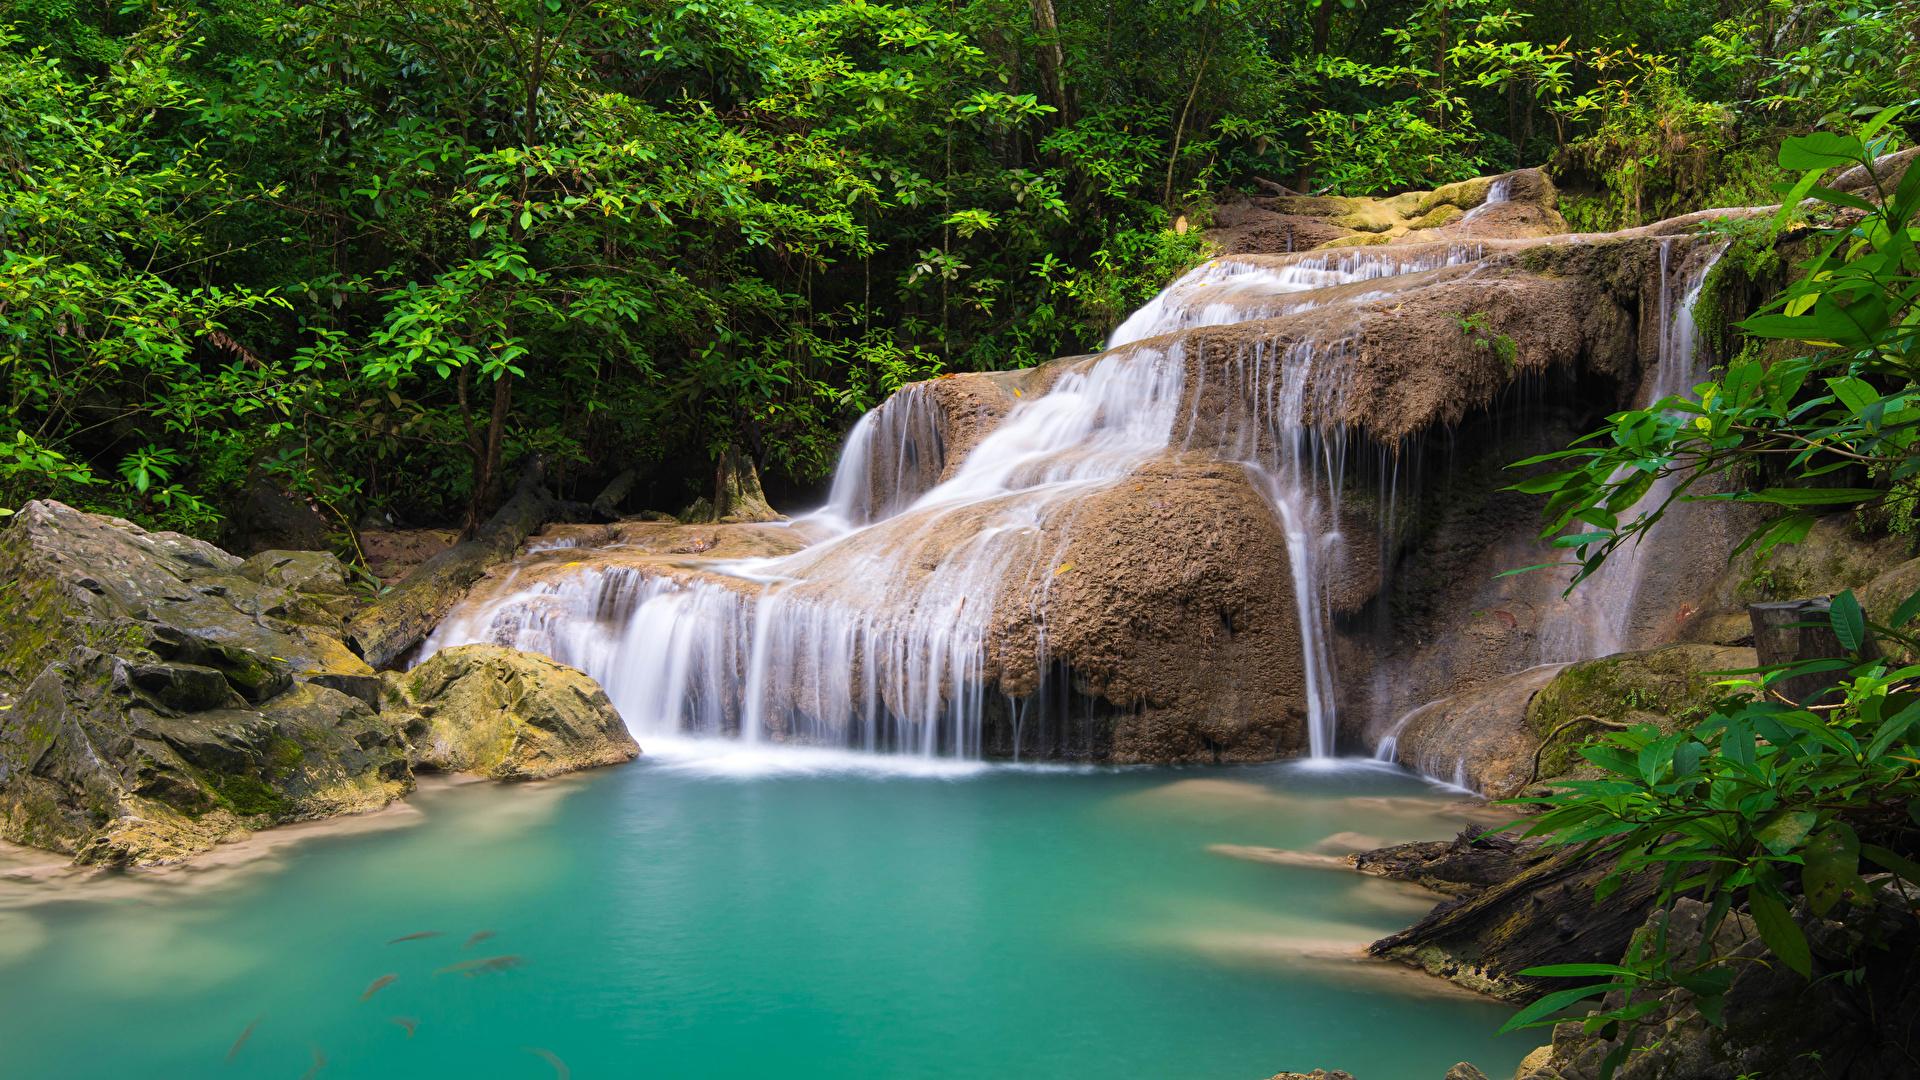 Картинка Таиланд Скала Природа Водопады Парки Тропики дерева 1920x1080 Утес скалы скале парк тропический дерево Деревья деревьев